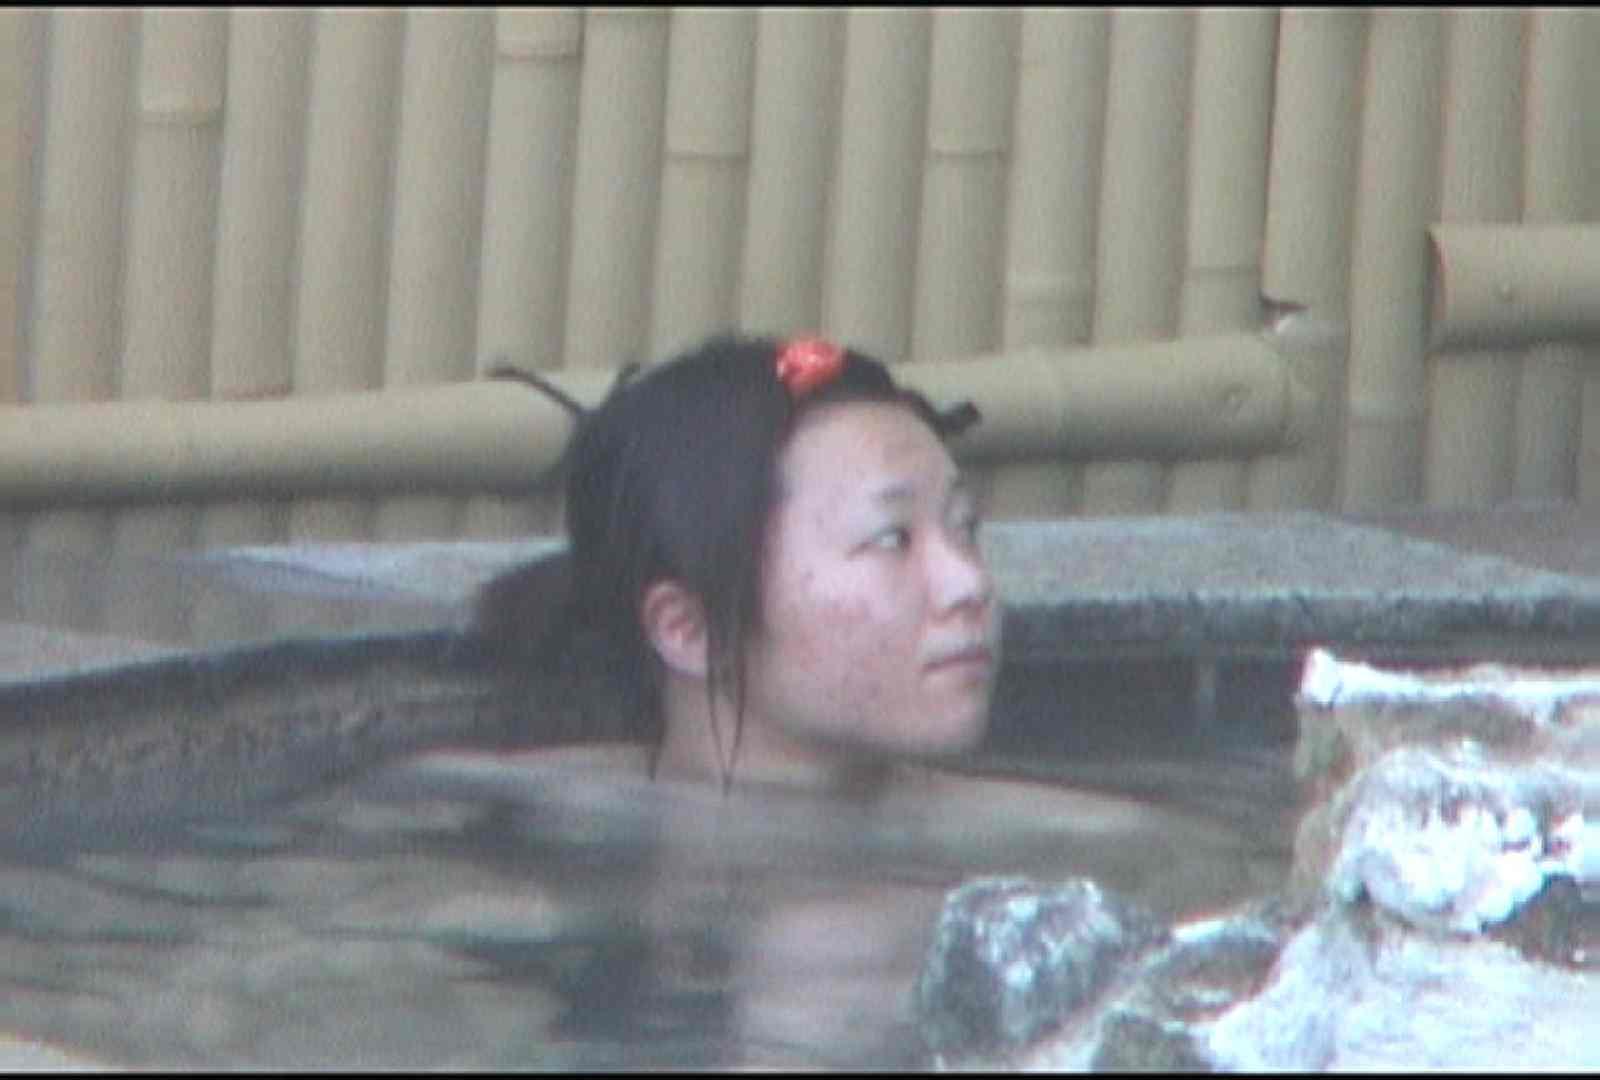 Aquaな露天風呂Vol.175 盗撮 オメコ動画キャプチャ 99枚 89